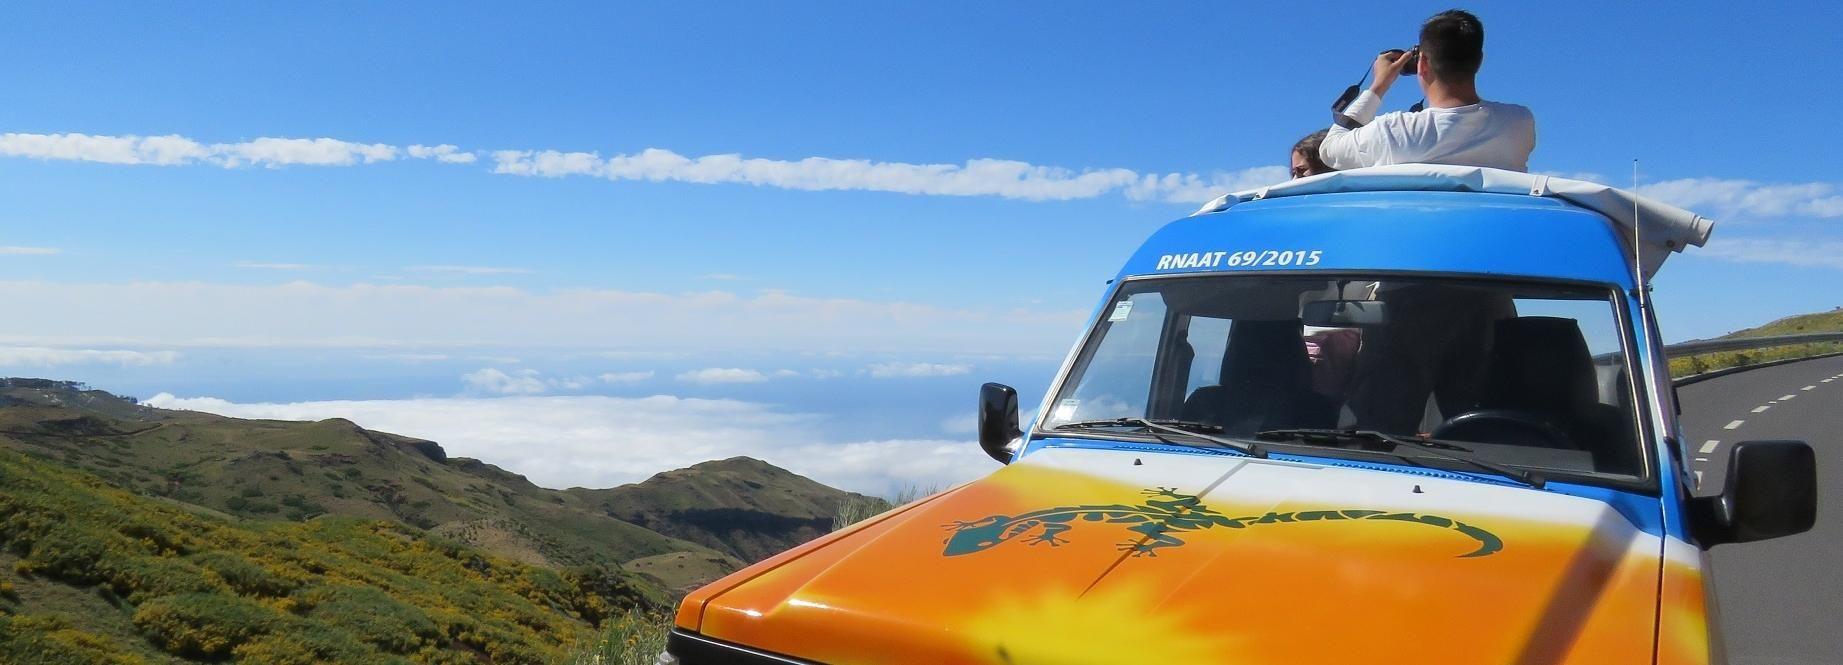 Vale das Freiras e montanhas 4X4 Tour from Funchal